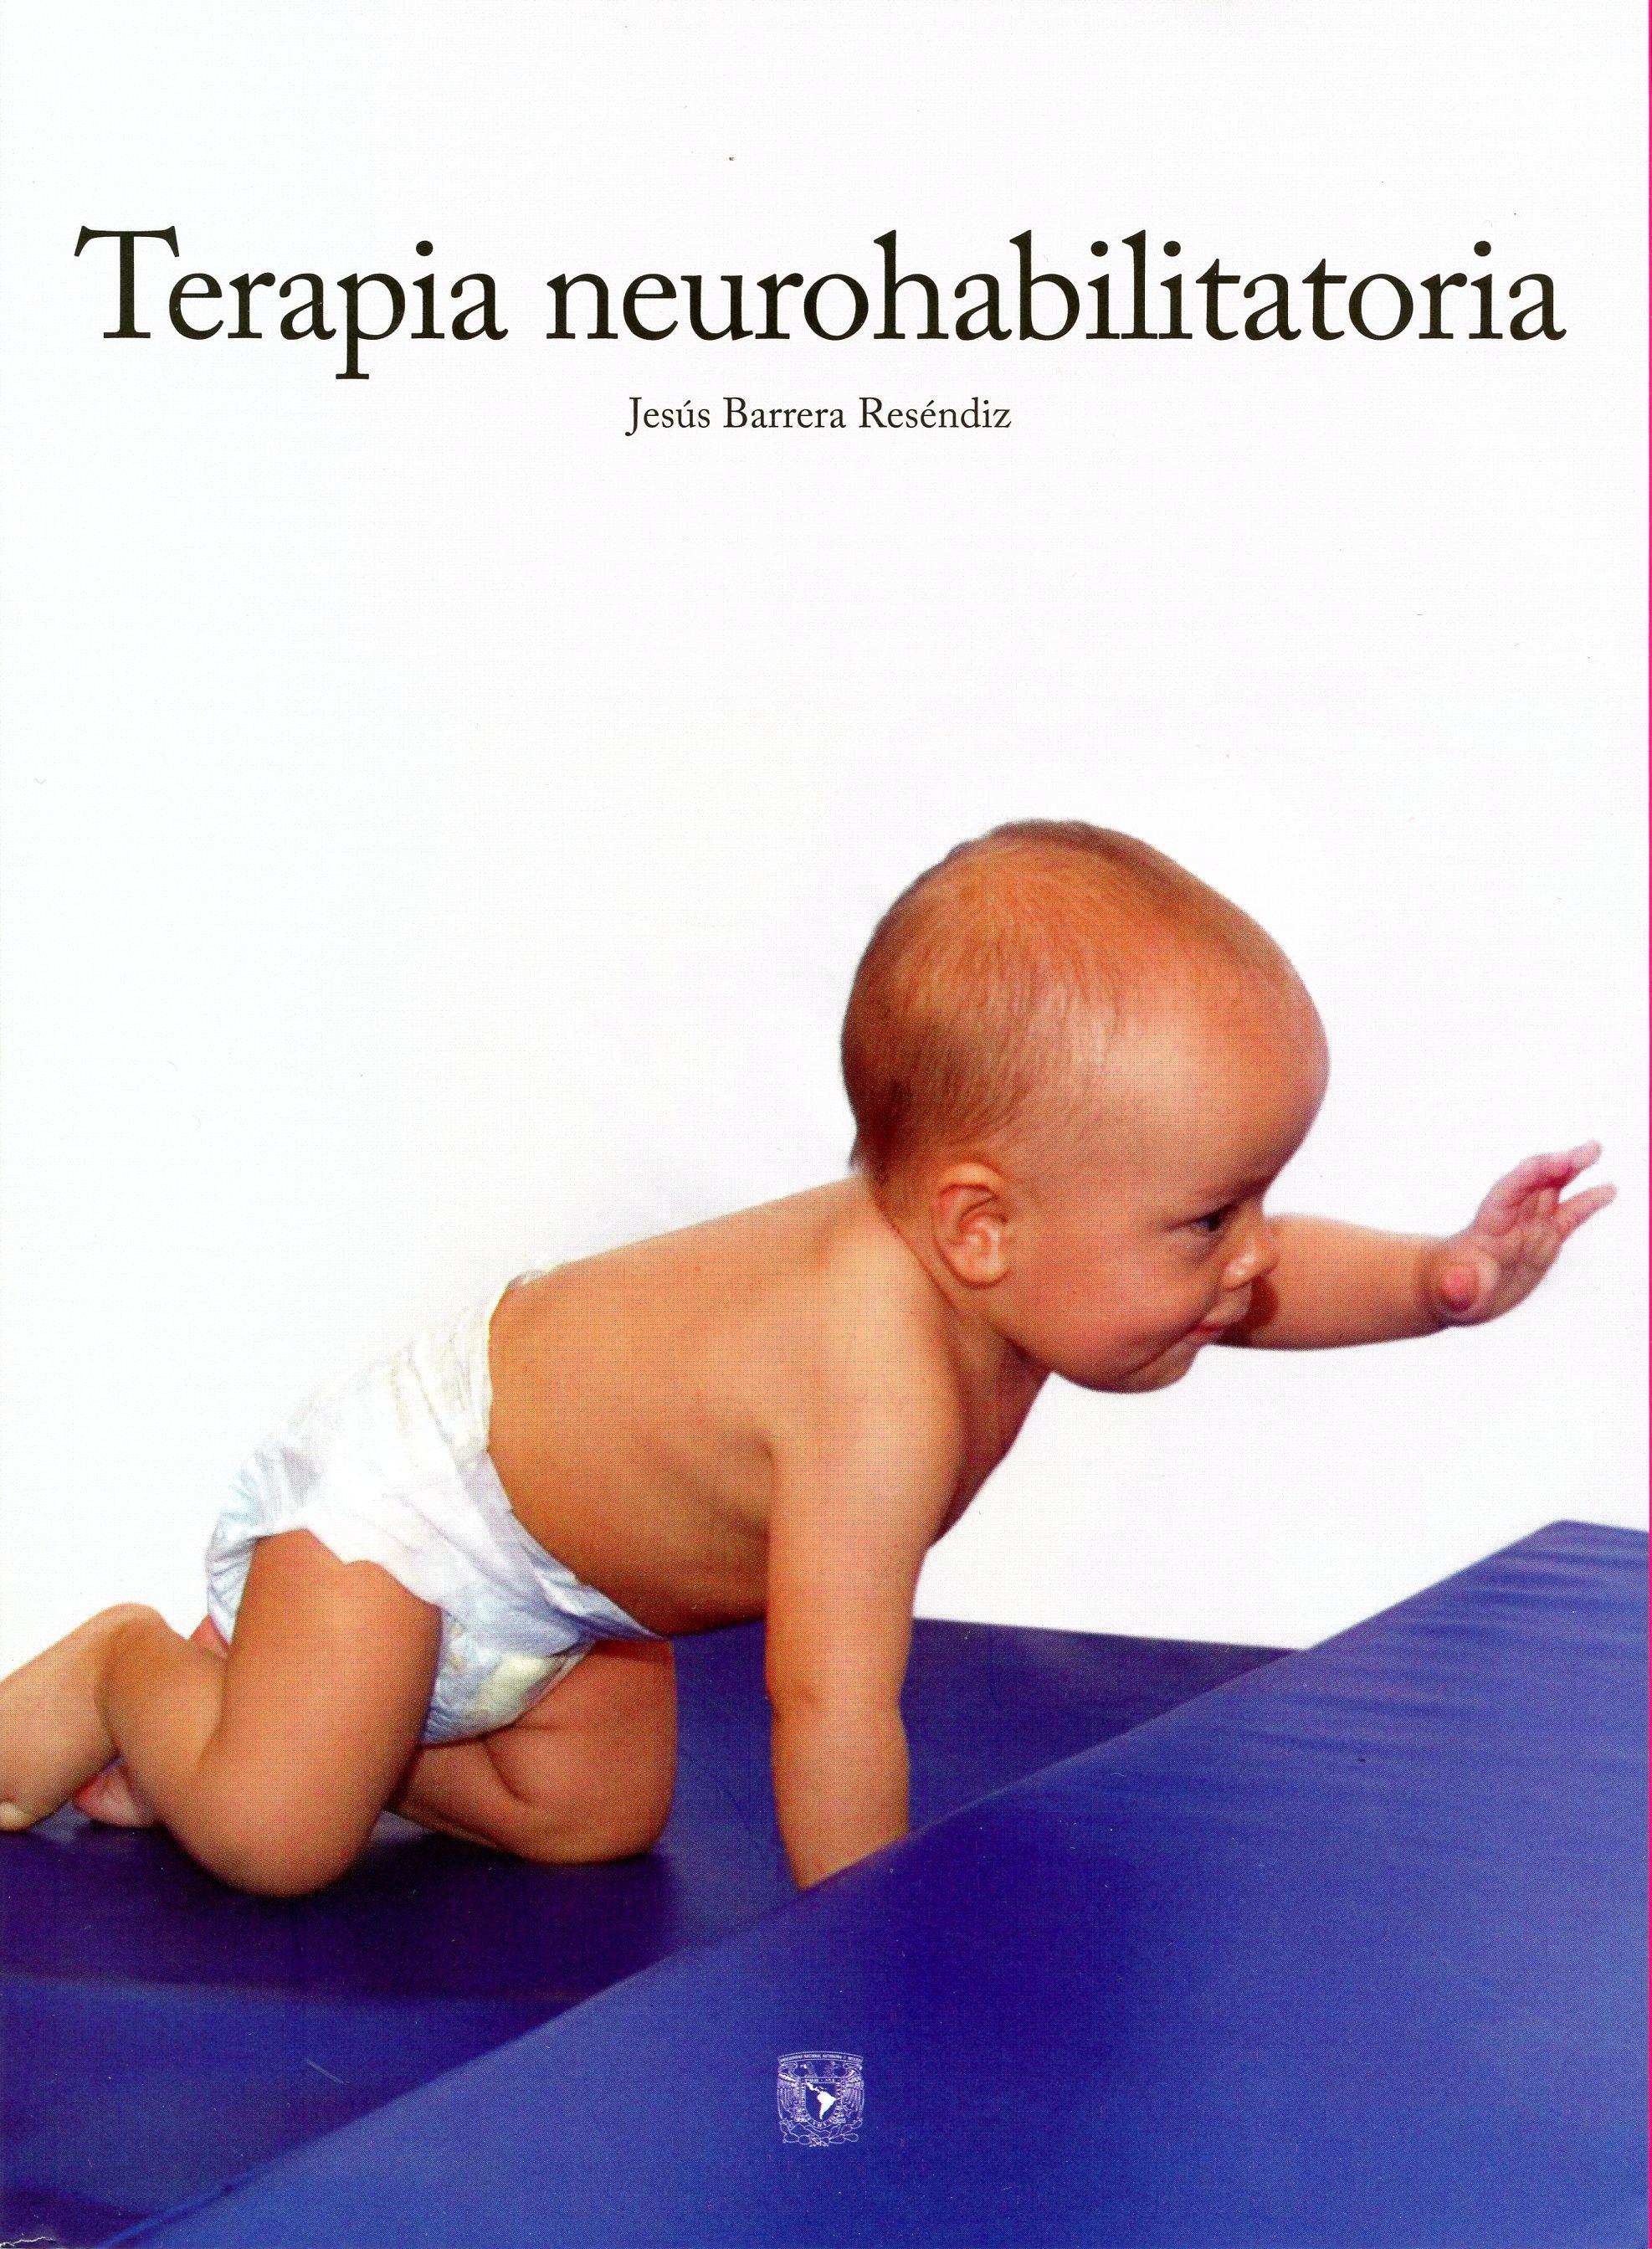 Terapia neurohabilitatoria